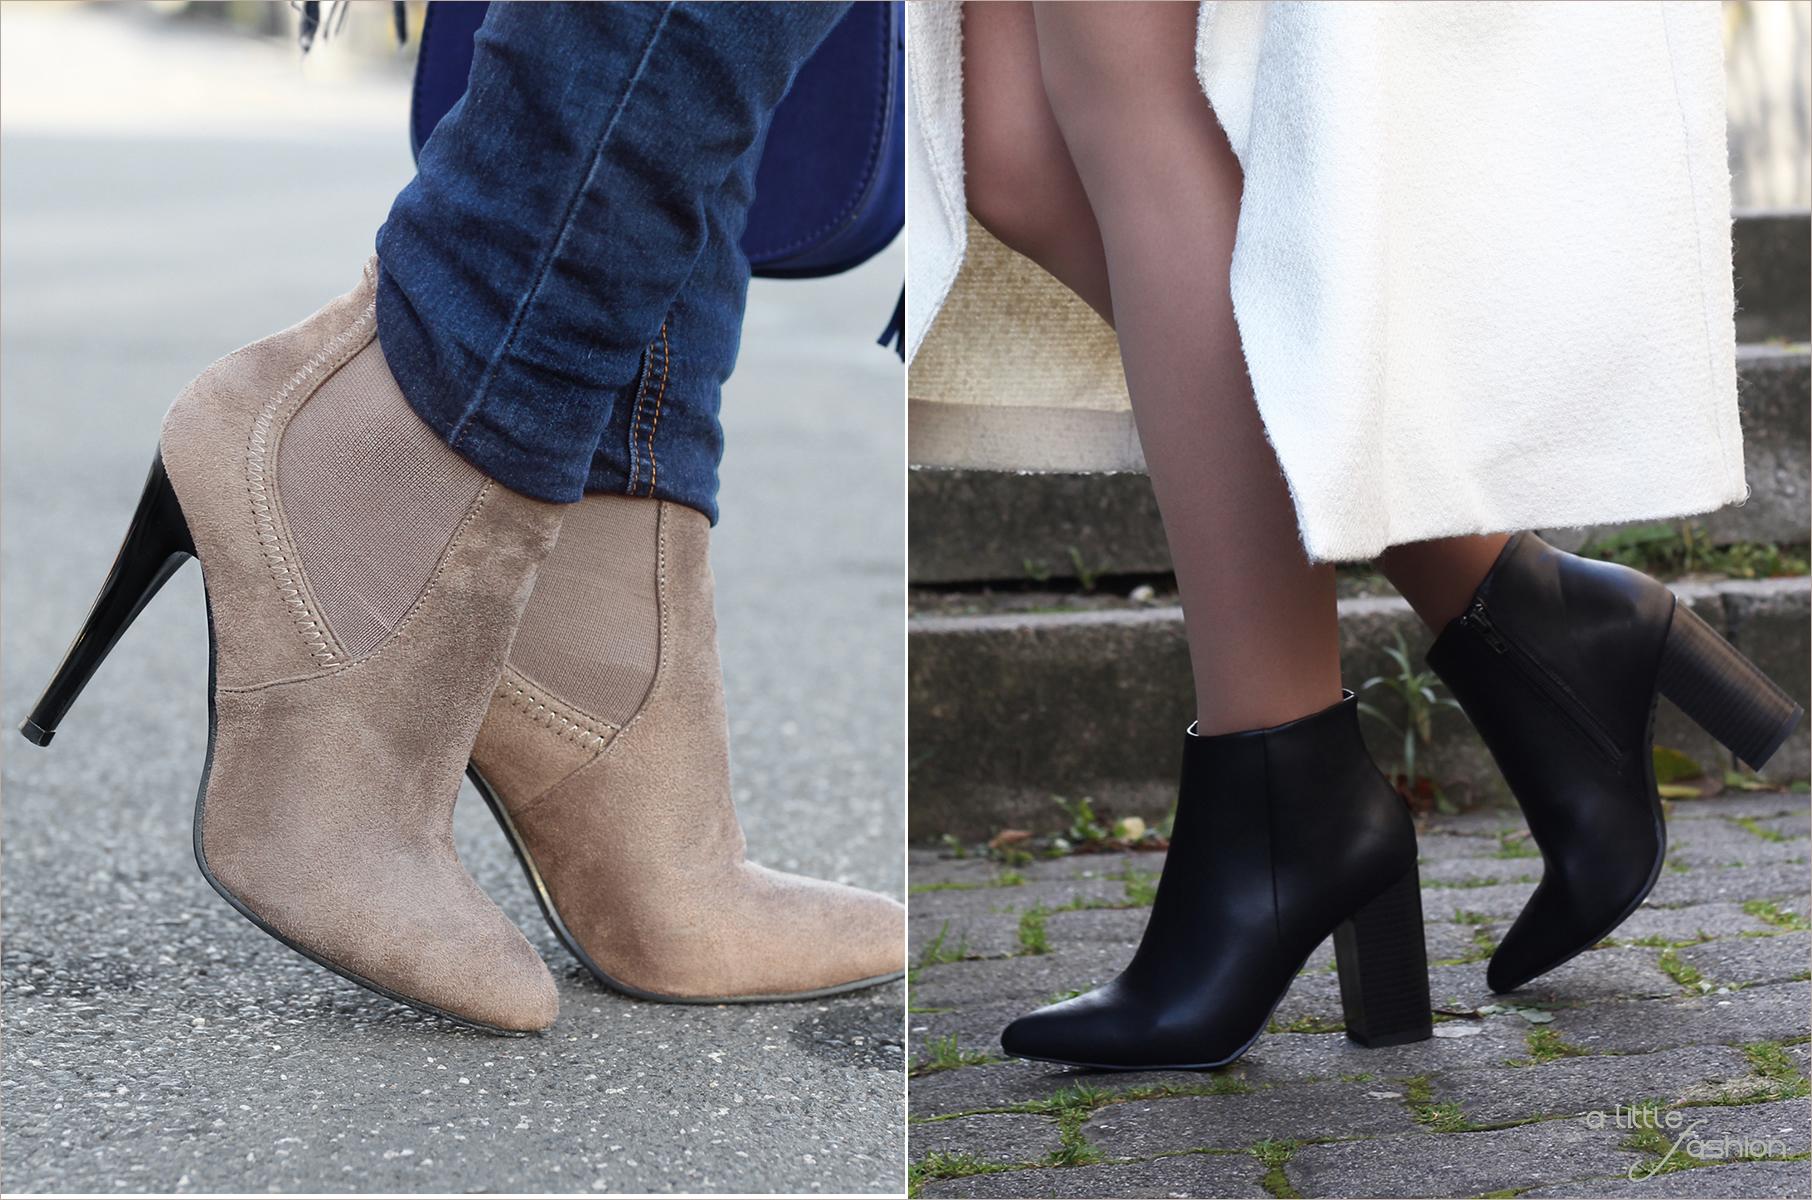 Die besten Schuhe für Herbst/Winter  |  A Little Fashion  |  https://www.filizity.com/fashion/die-besten-schuhe-fuer-herbstwinter